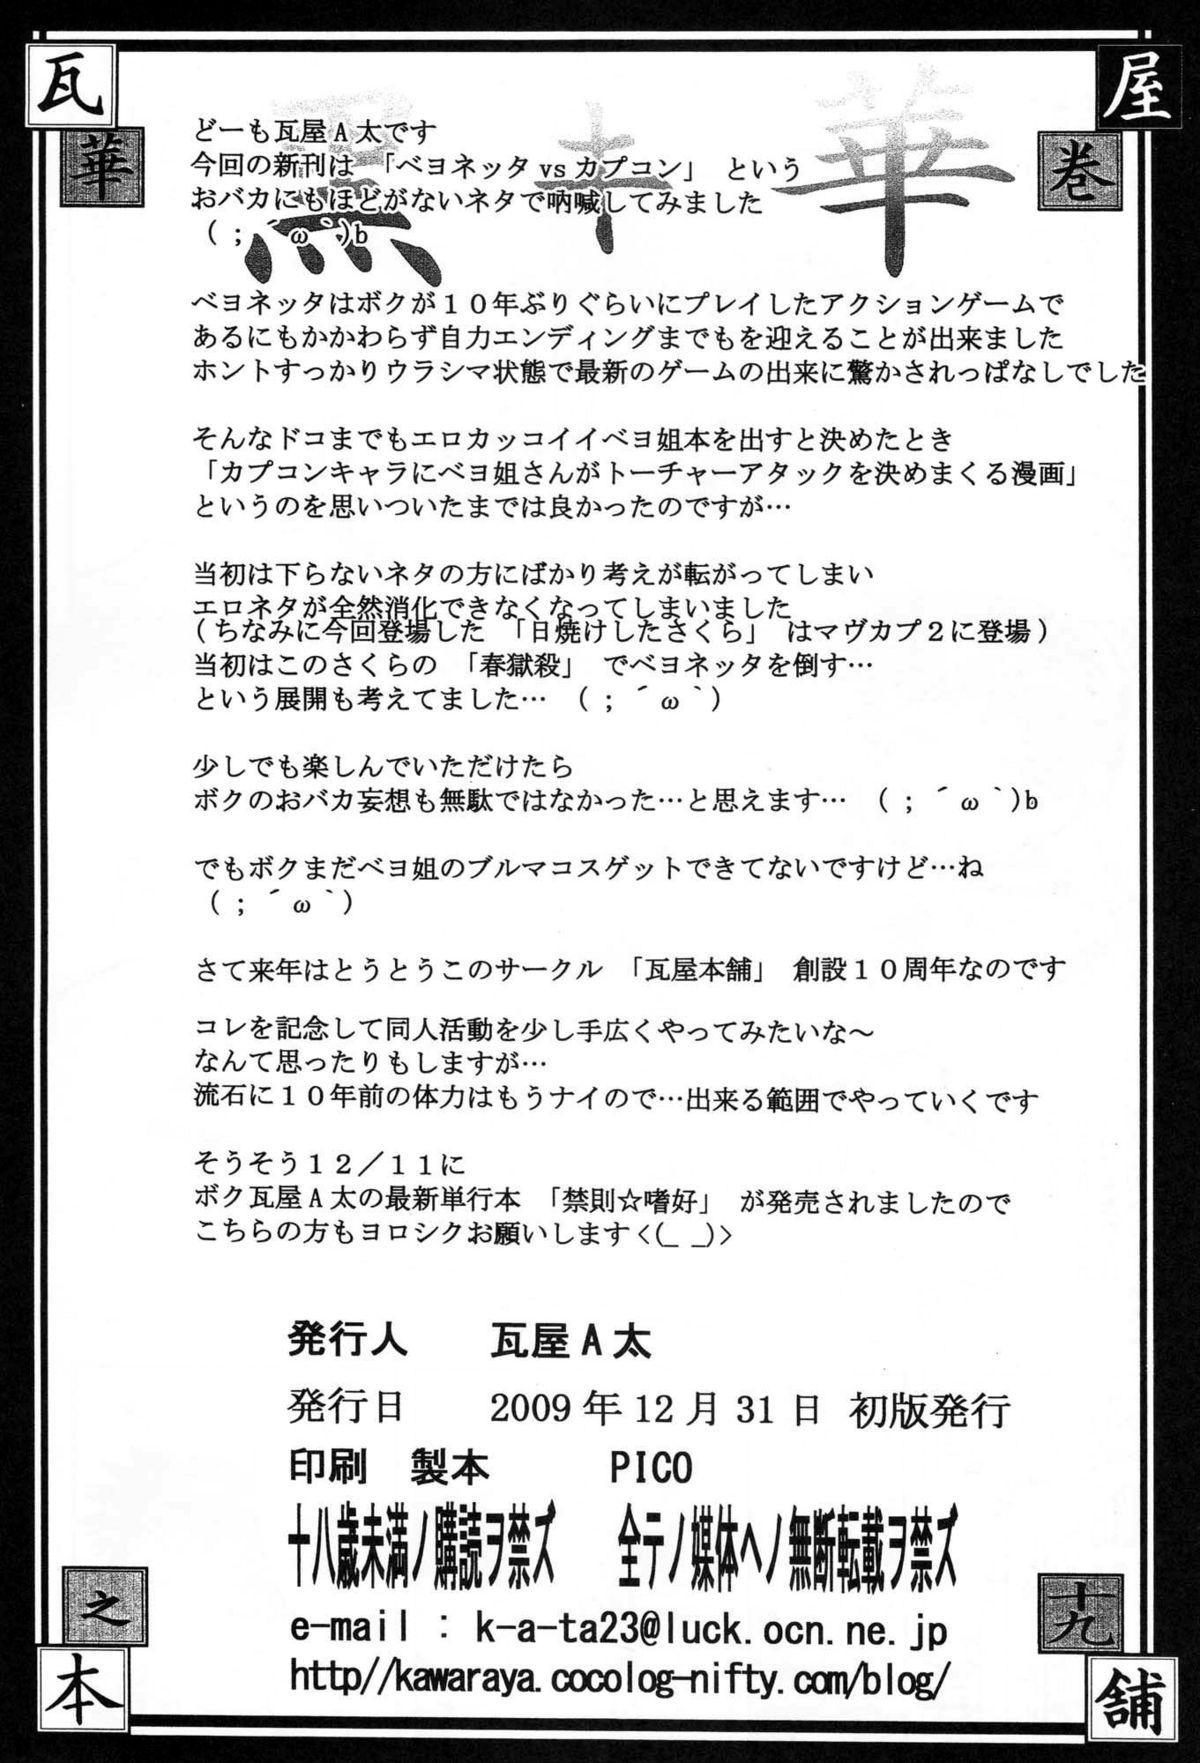 (C77) [Kawaraya Honpo (Kawaraya A-ta)] Hana - Maki no Juukyuu - Kuroki Hana (Bayonetta, Street Fighter, Darkstalkers) [English] {doujin-moe.us} 40